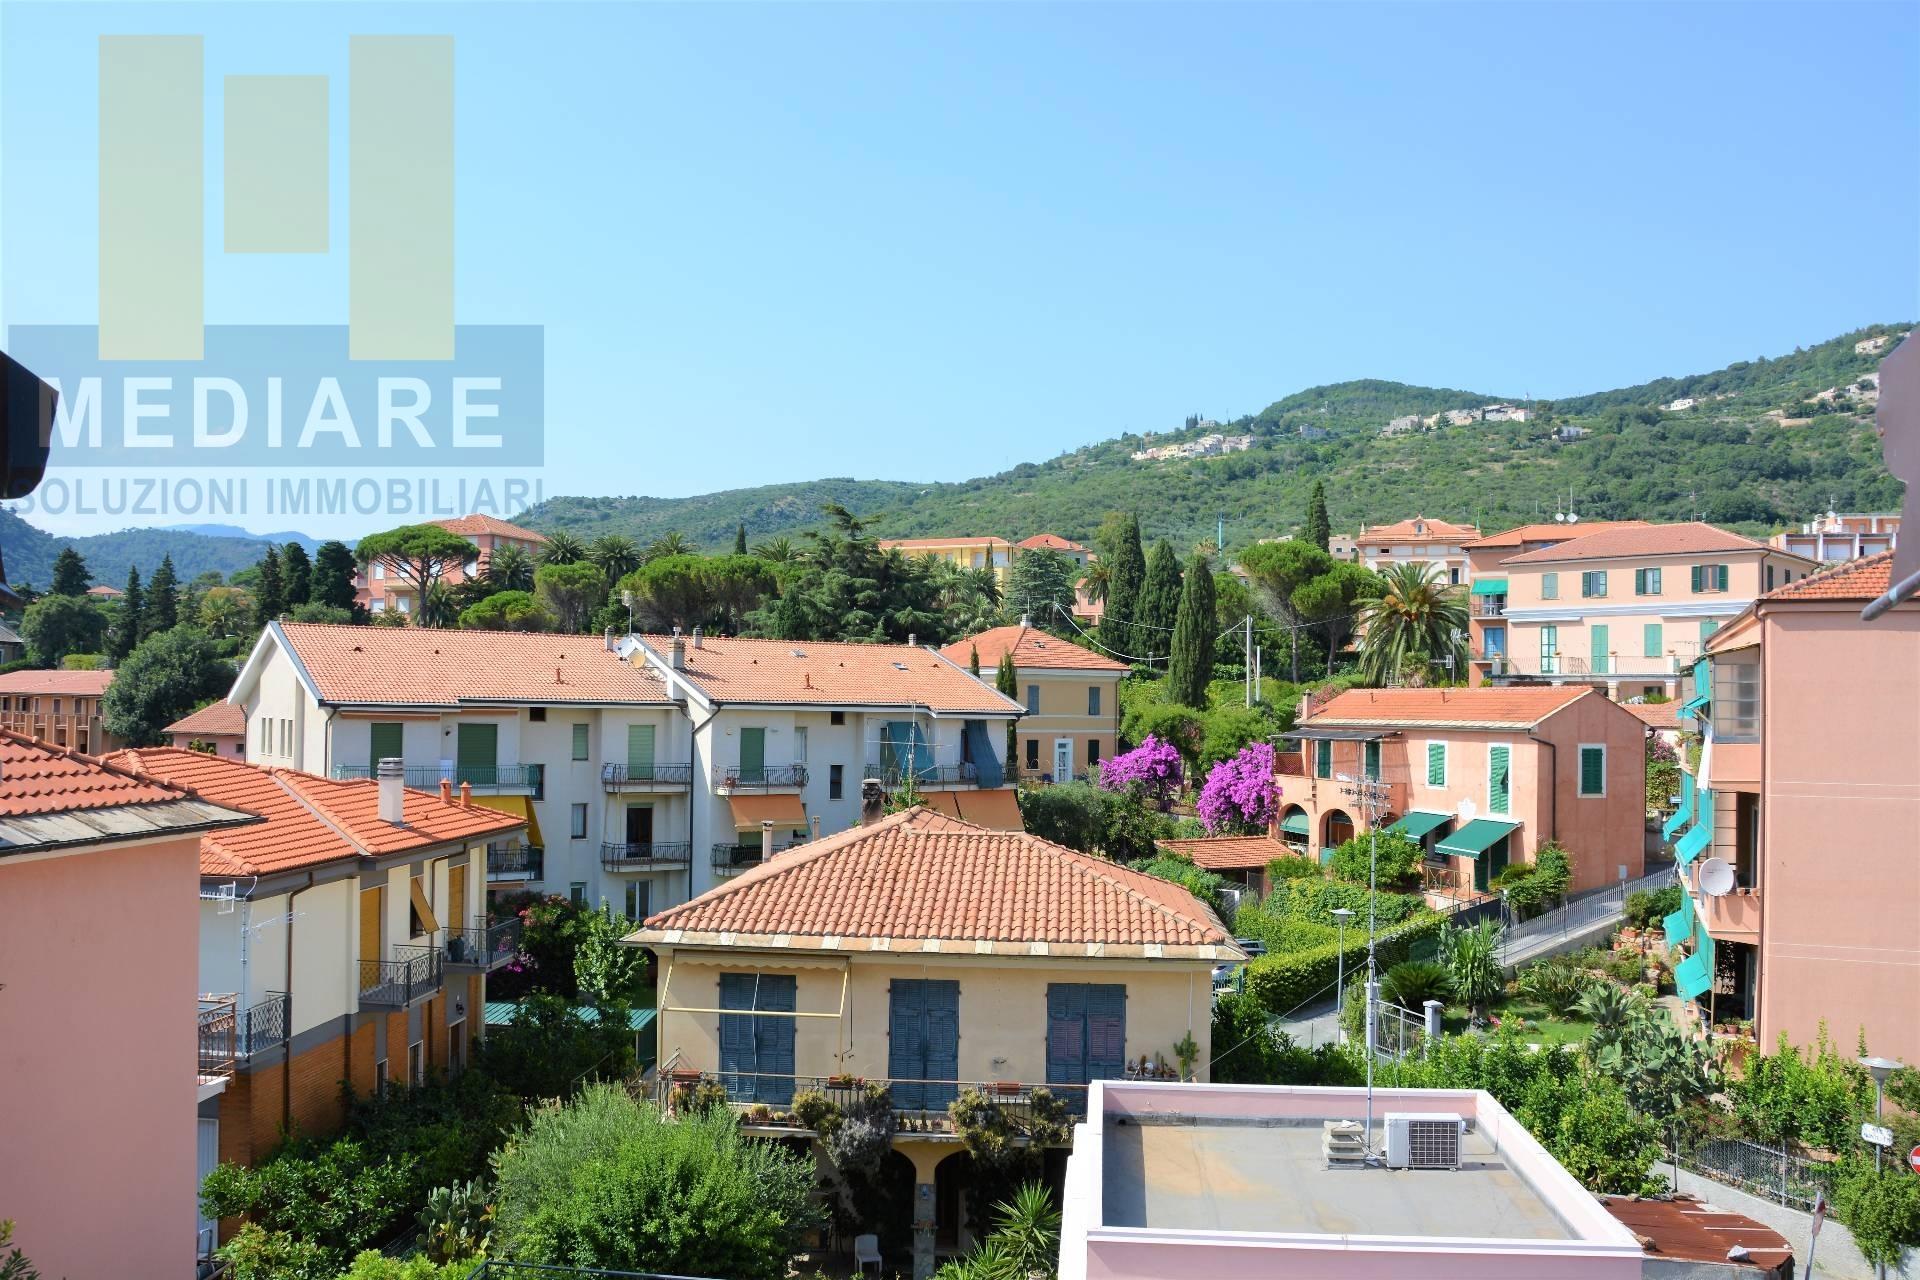 Appartamento in vendita a Borgio Verezzi, 3 locali, zona Zona: Borgio, prezzo € 240.000   CambioCasa.it